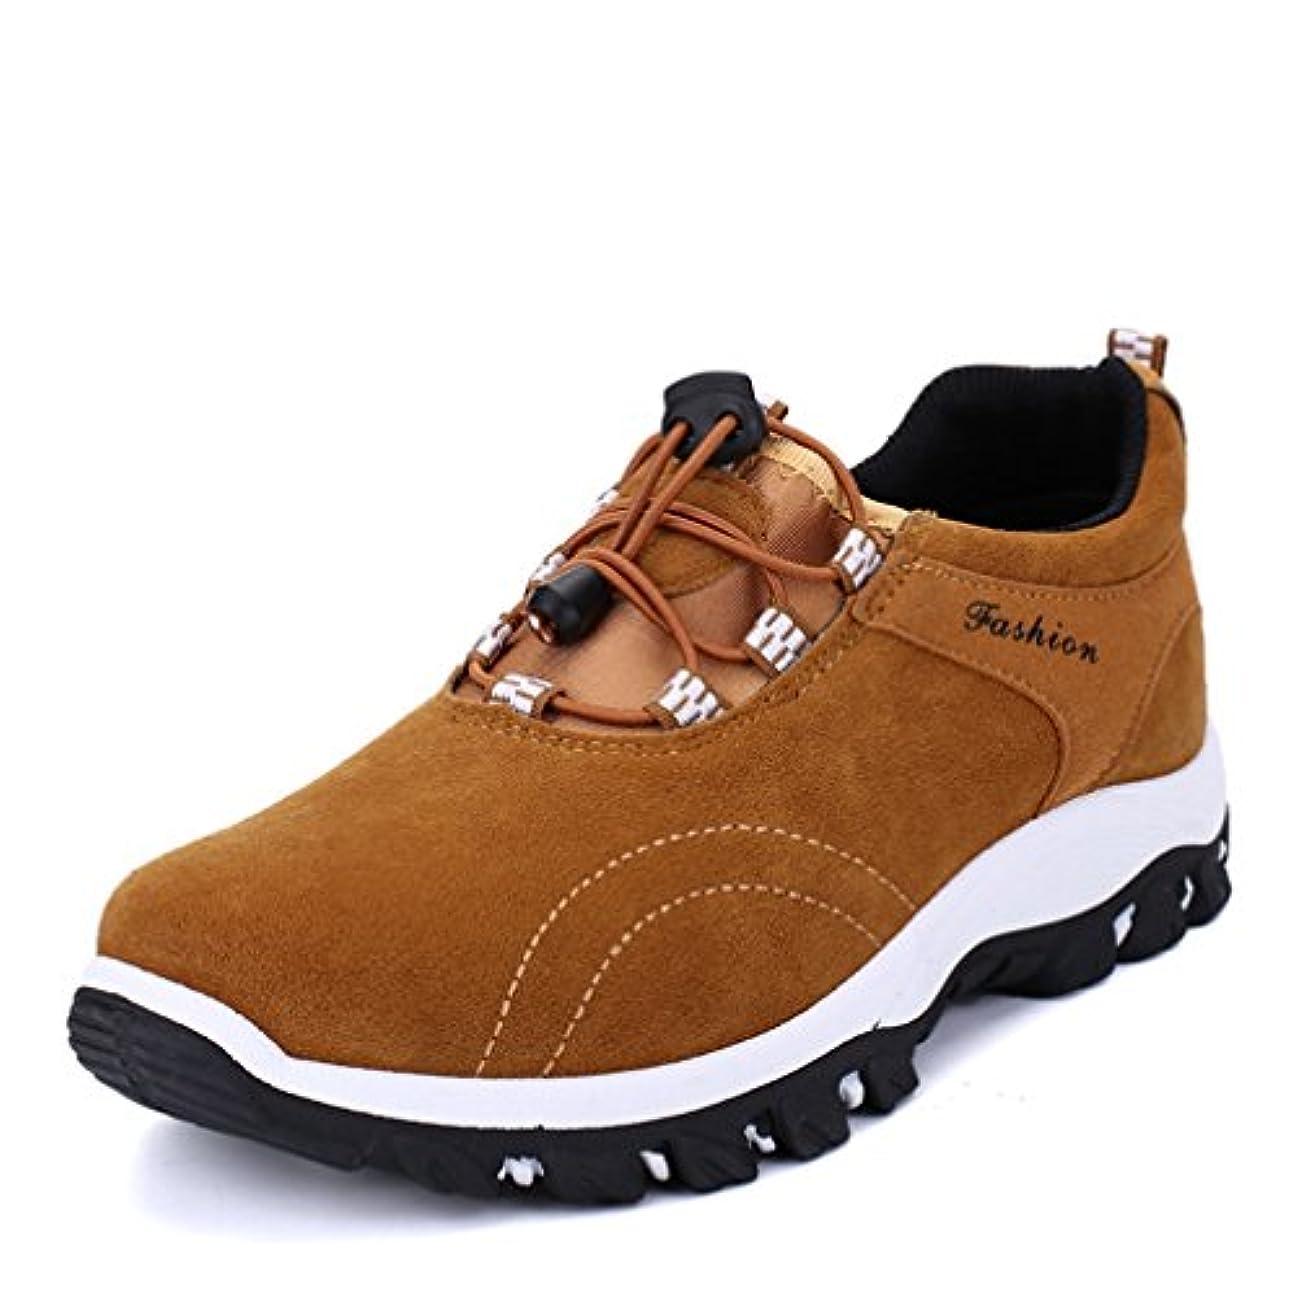 ペレグリネーション分泌するスペクトラム[QIFENGDIANZI] ハイキングシューズ トレッキングシューズ メンズ 滑りにくい アウトドアシューズ スニーカー コンフォート 歩きやすい おしゃれ キャンプ シューズ 登山靴 旅行 イエロー 26.5cm